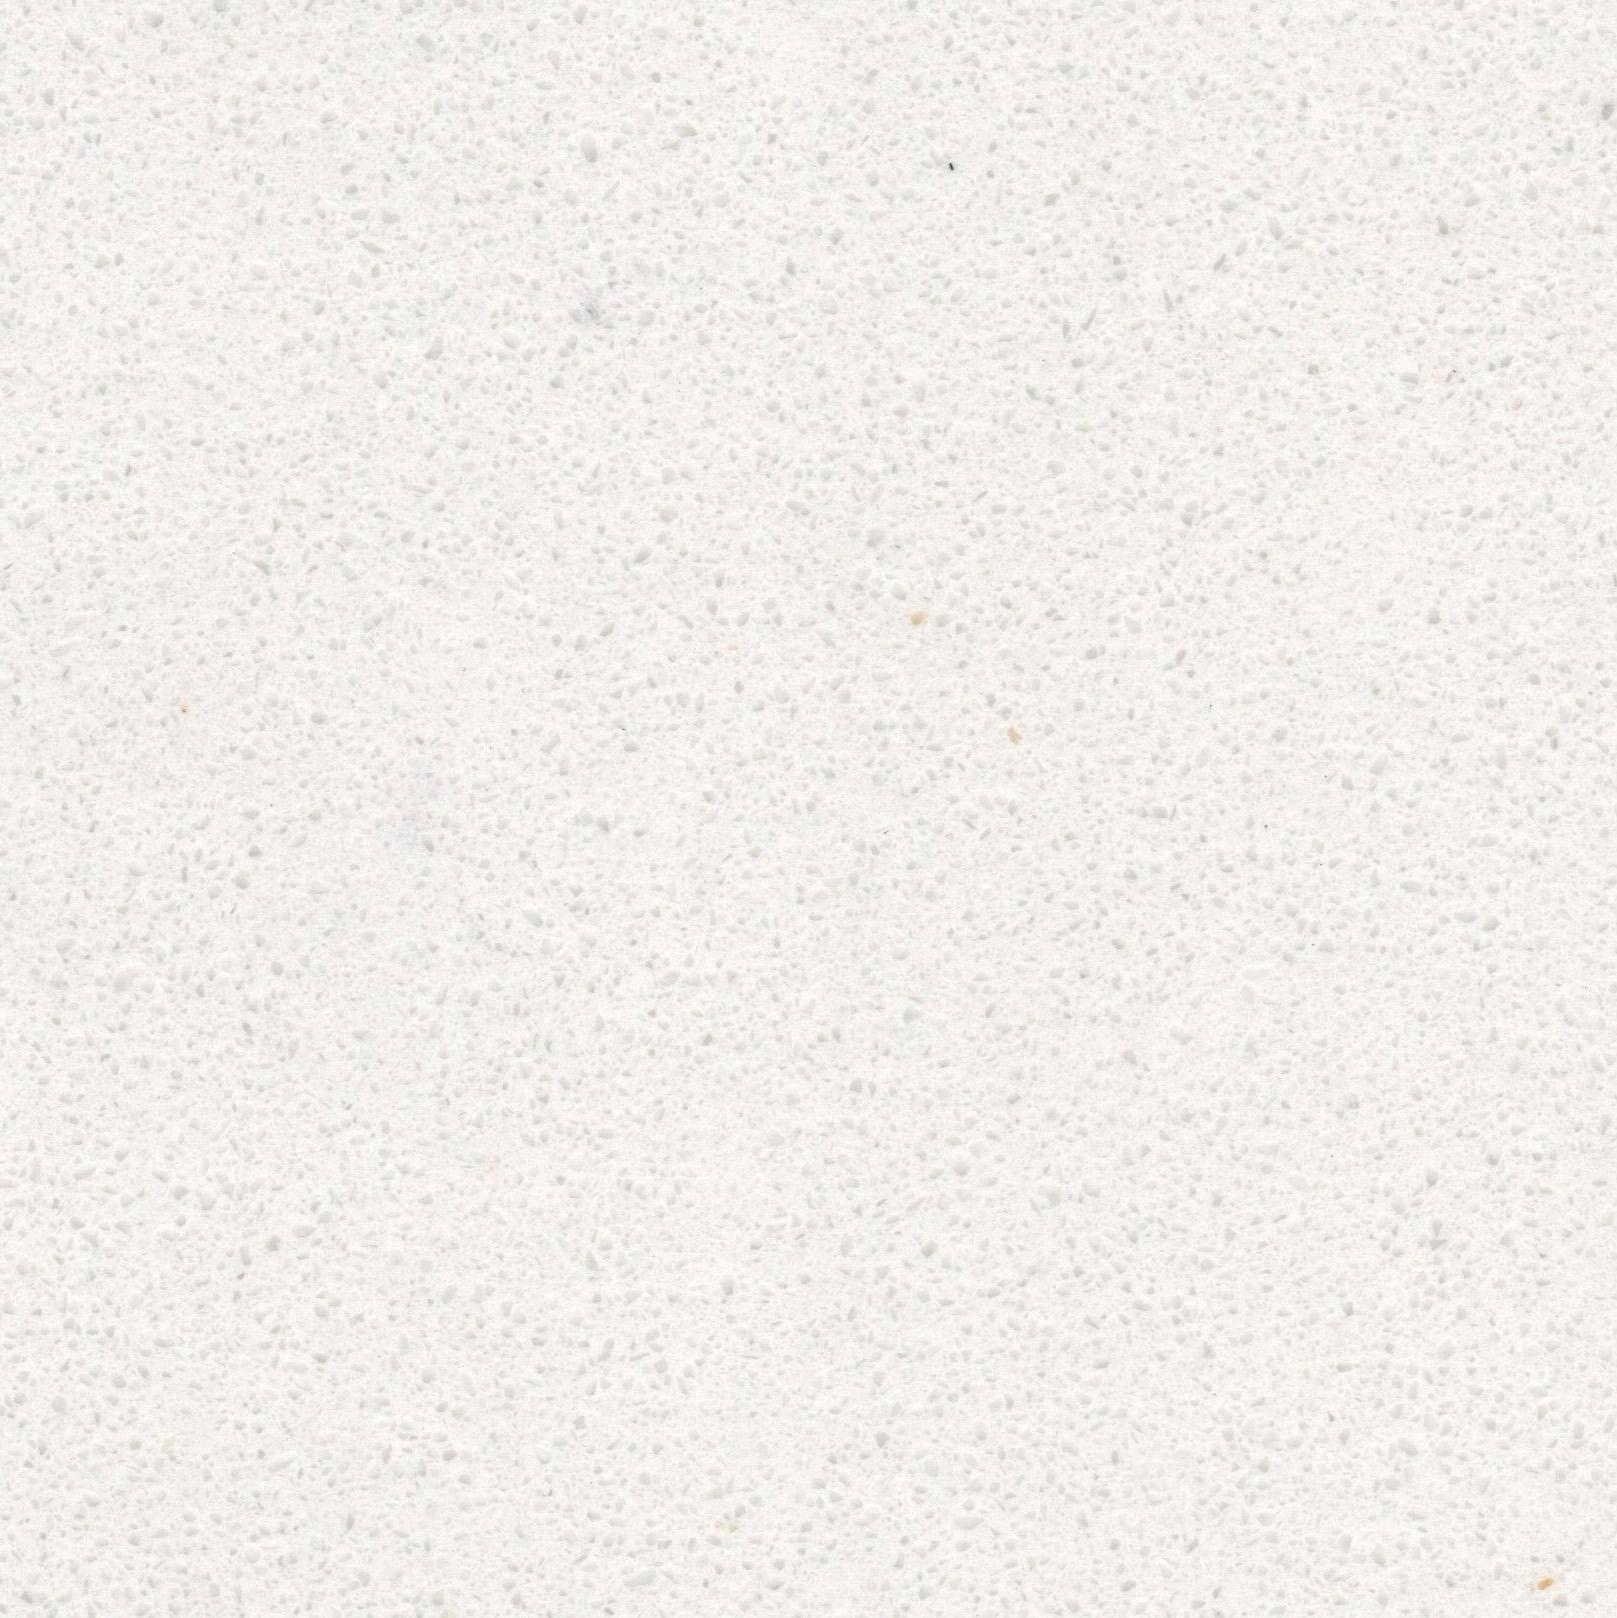 Bianco_canvas_hanstone_quartz